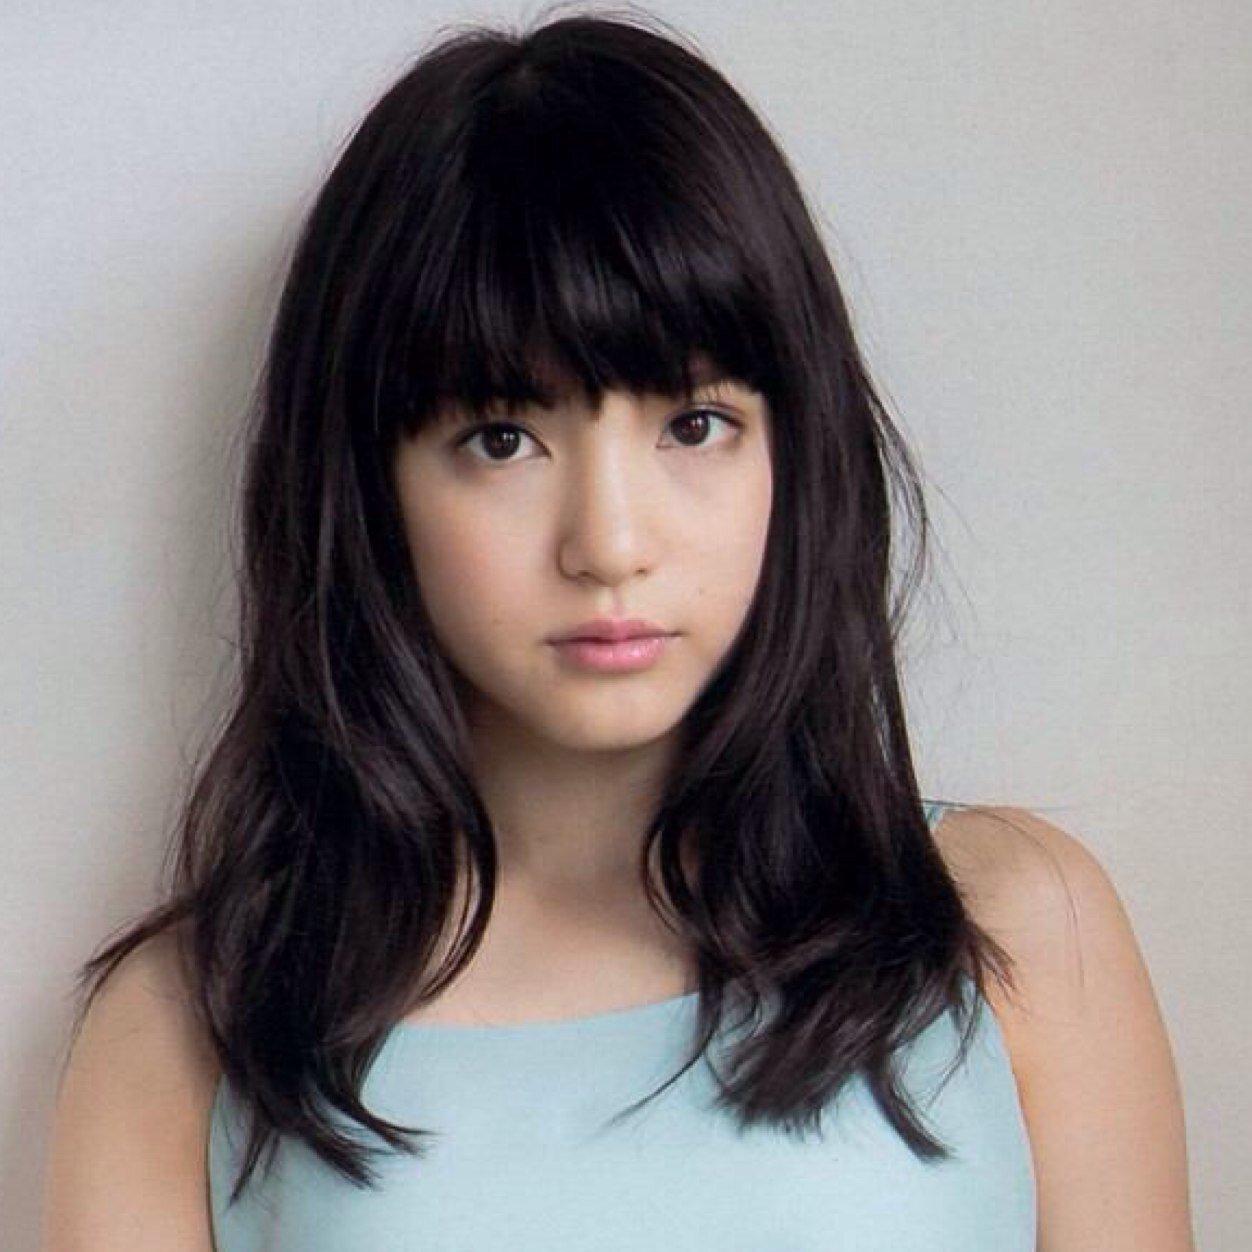 人気女優!川島海荷のかわいい画像を盛りだくさんでお届け!のサムネイル画像